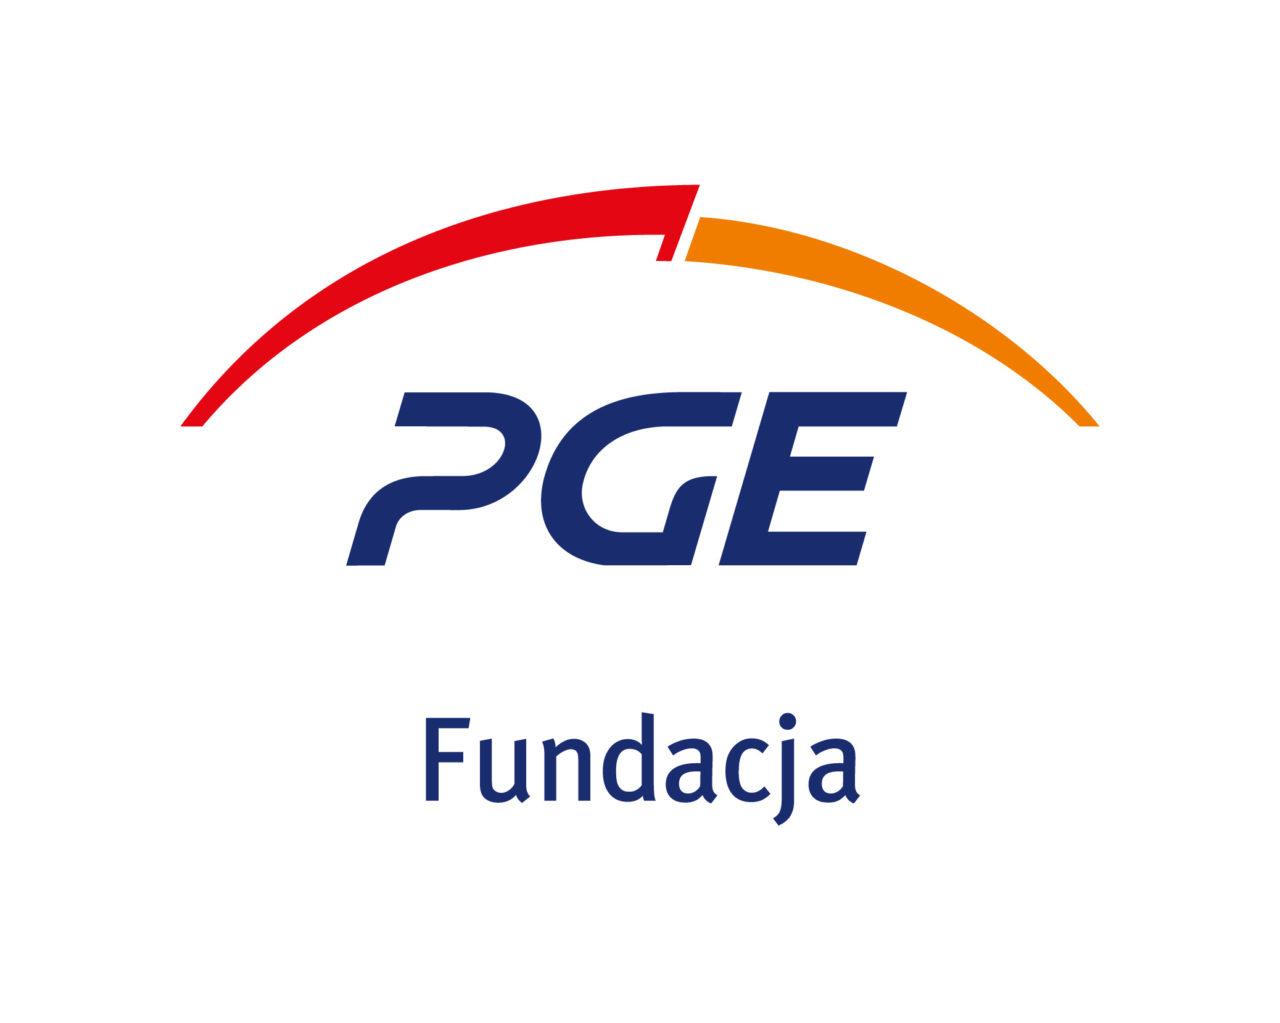 PGE Fundacja